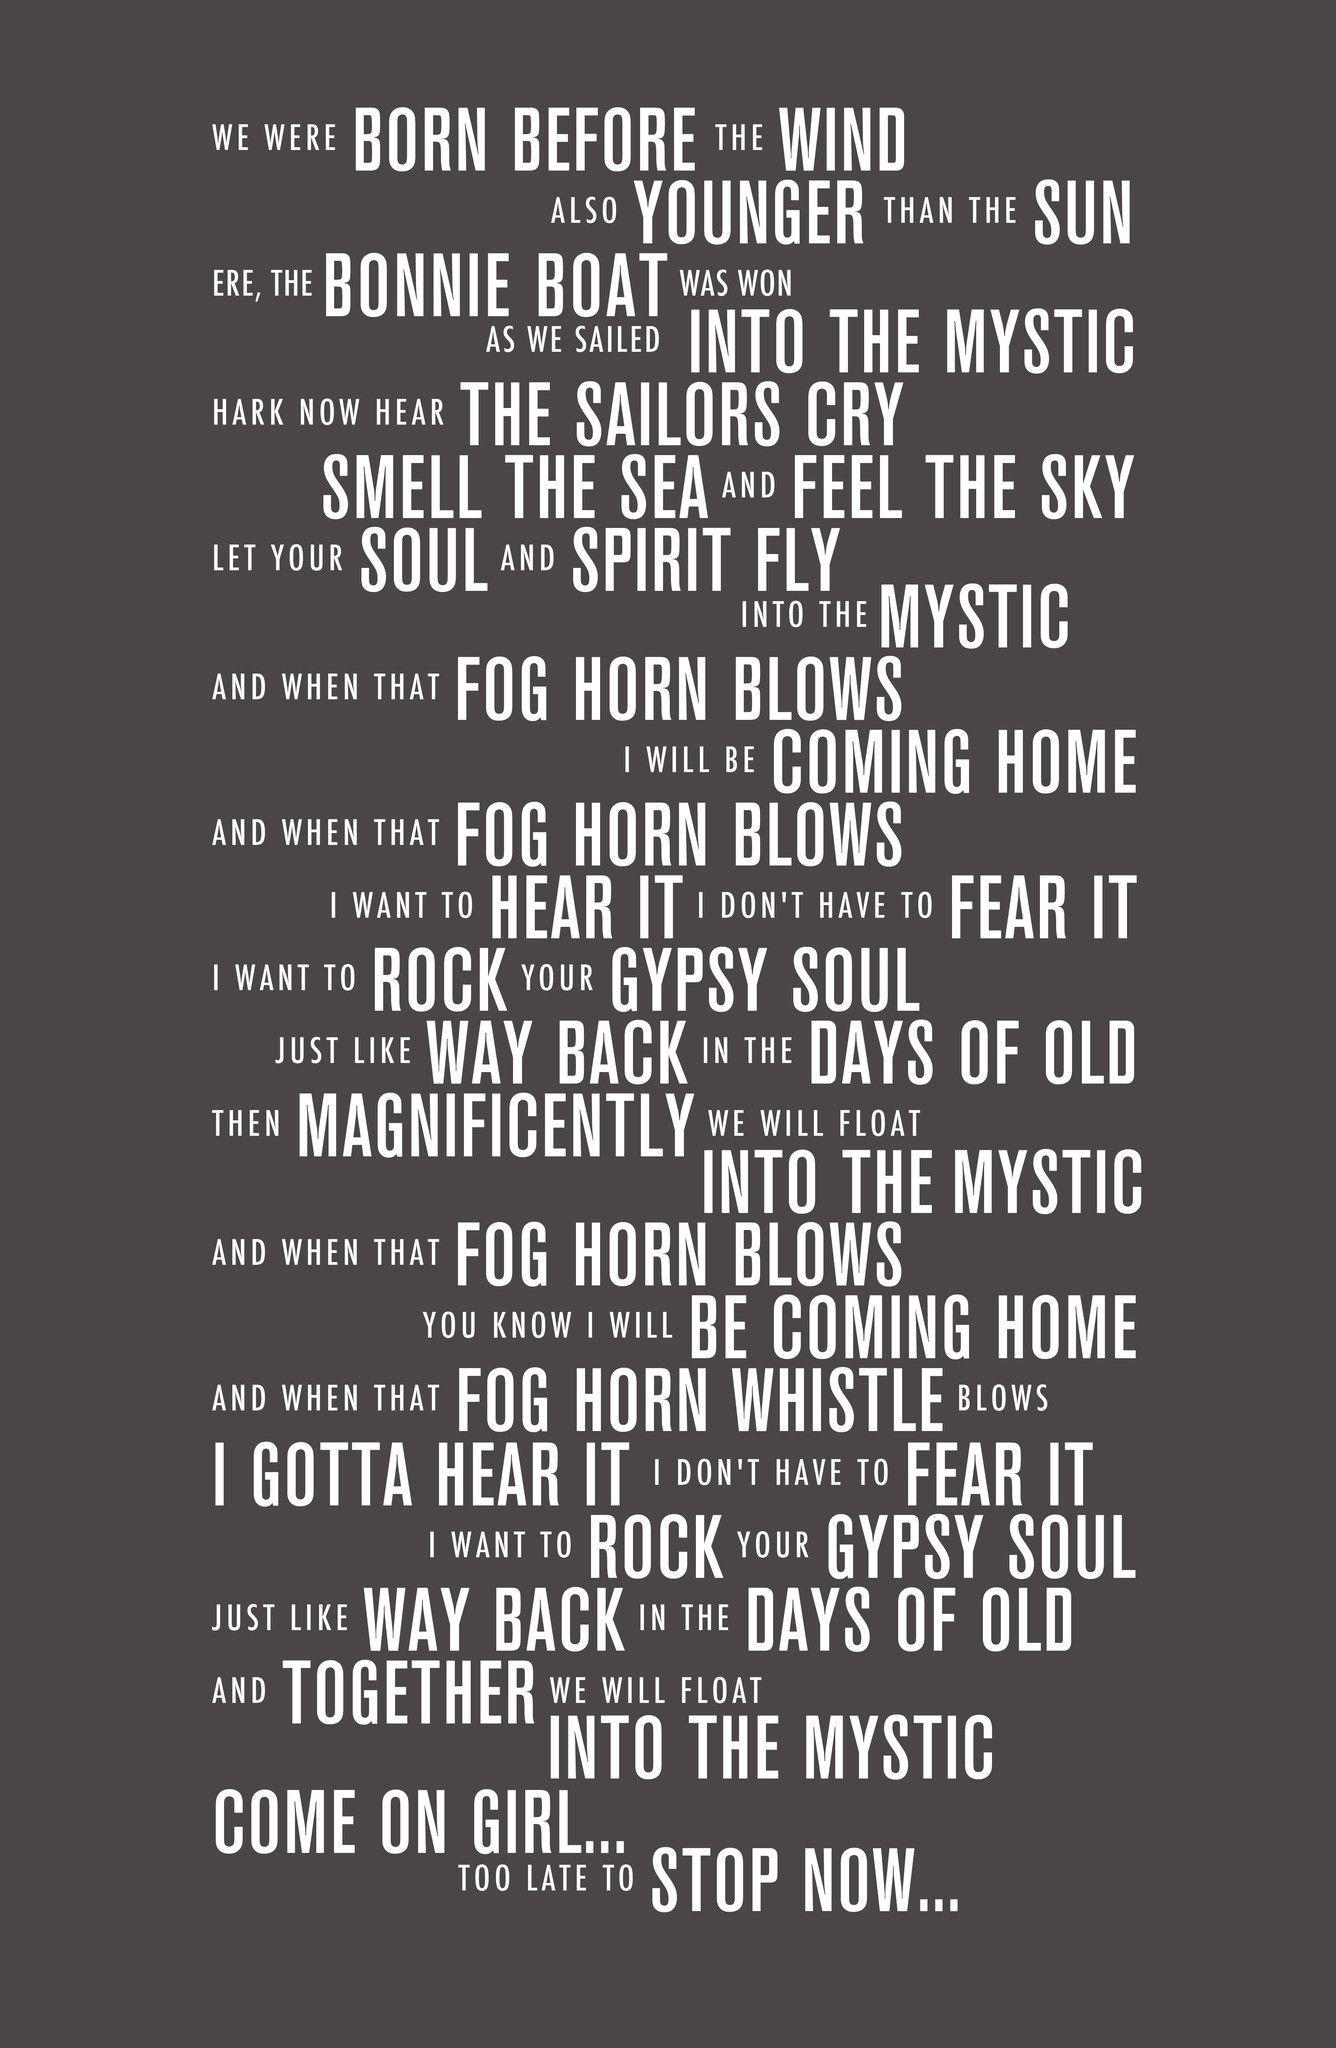 Into The Mystic Van Morrison Lyrics Into The Mystic Lyrics Great Song Lyrics